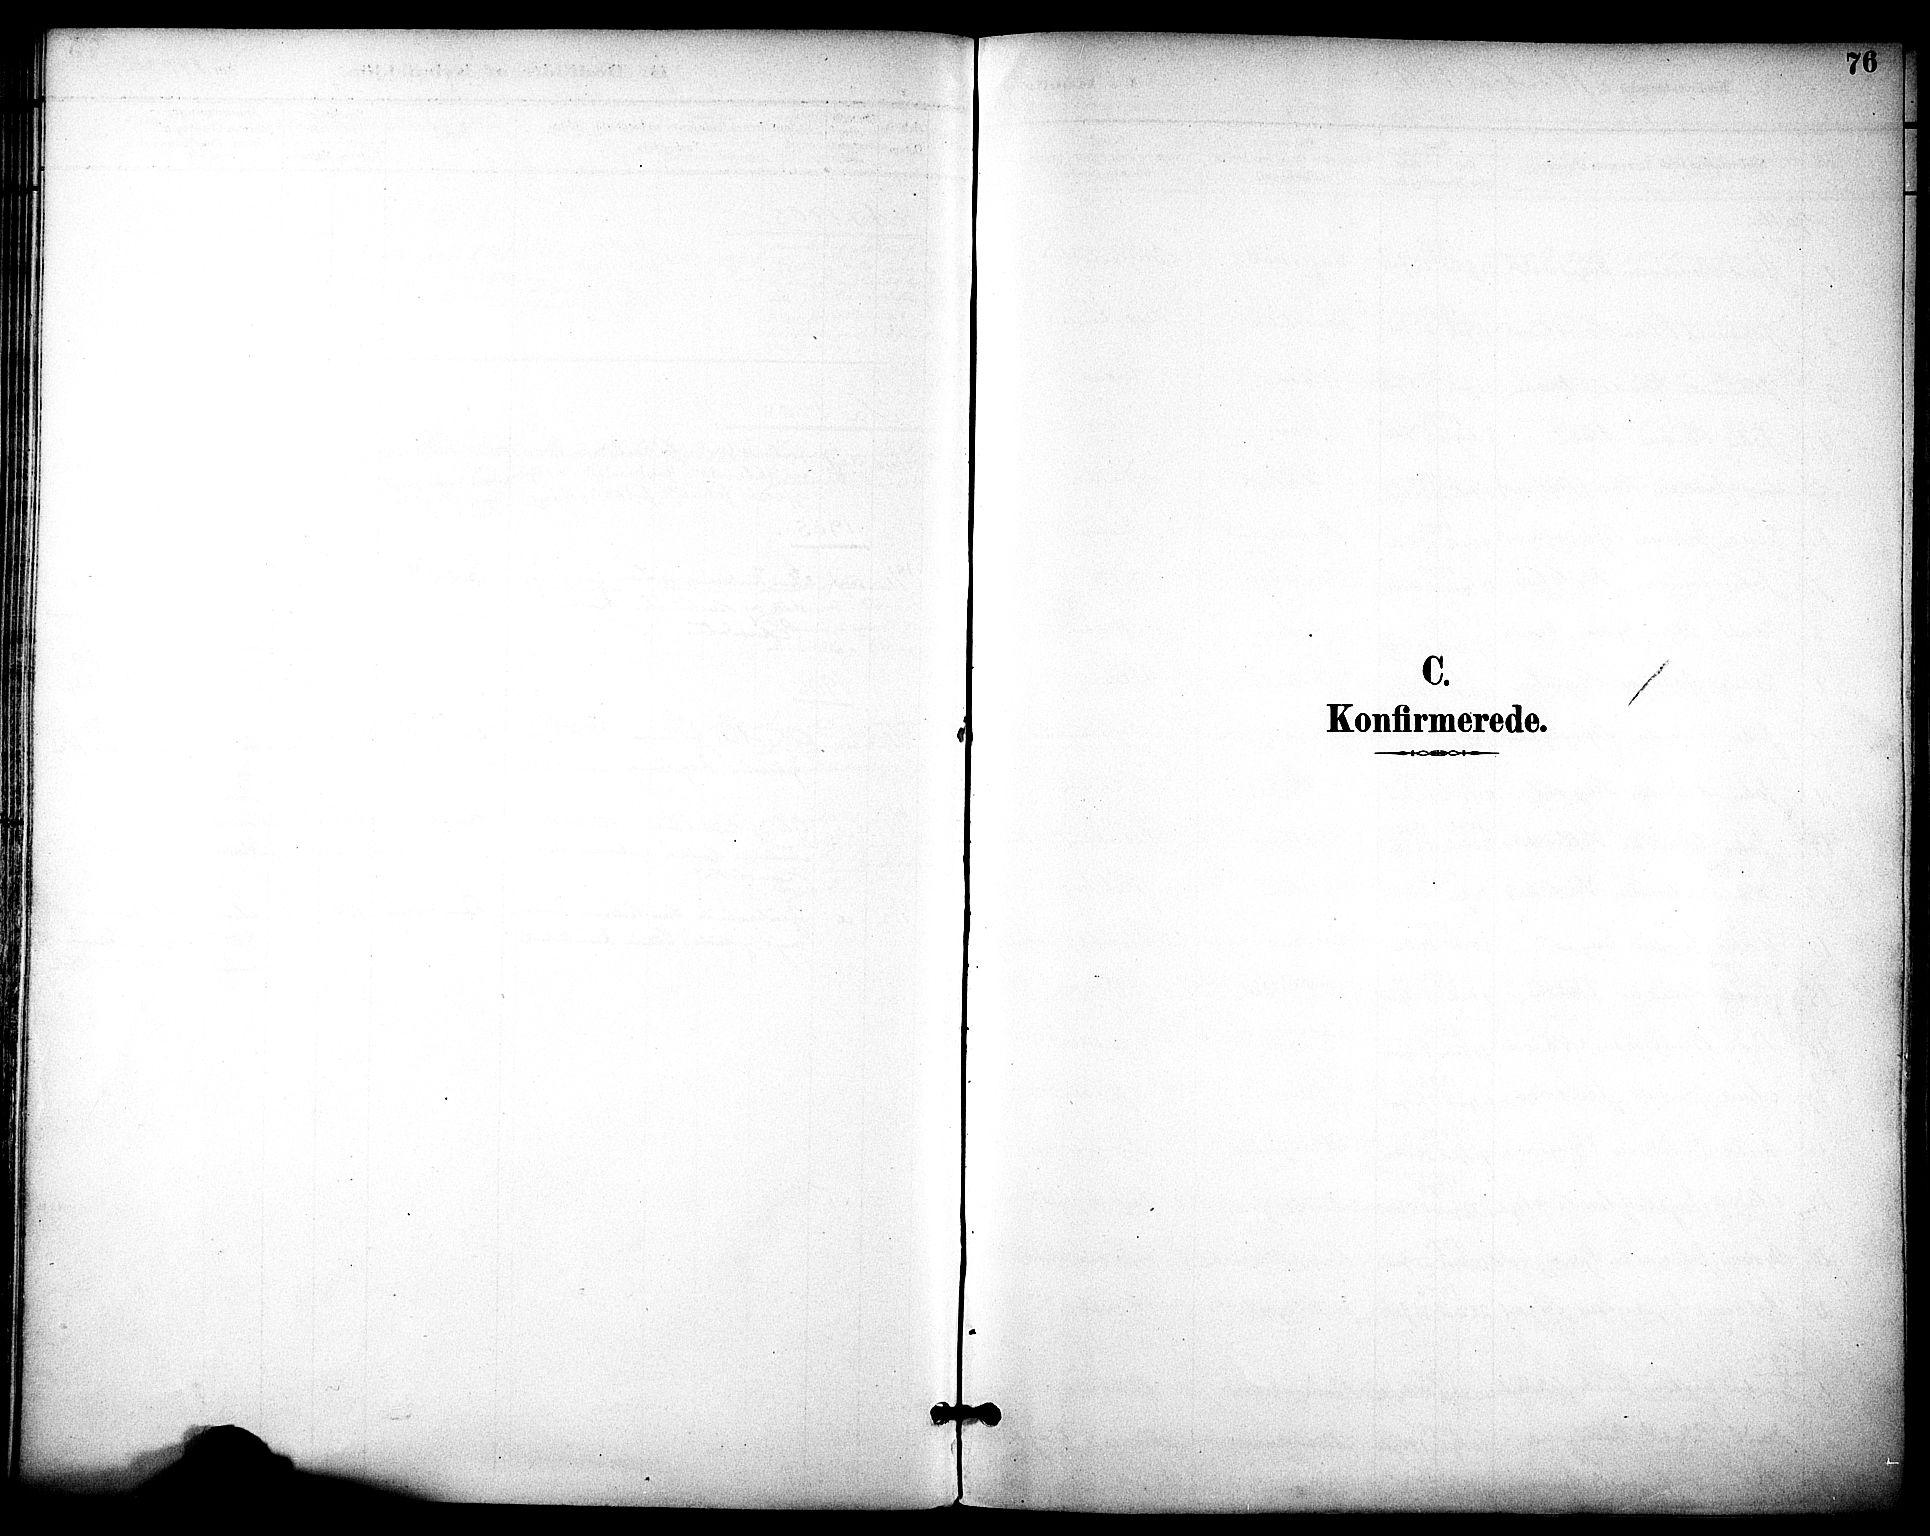 SAT, Ministerialprotokoller, klokkerbøker og fødselsregistre - Sør-Trøndelag, 686/L0984: Ministerialbok nr. 686A02, 1891-1906, s. 76